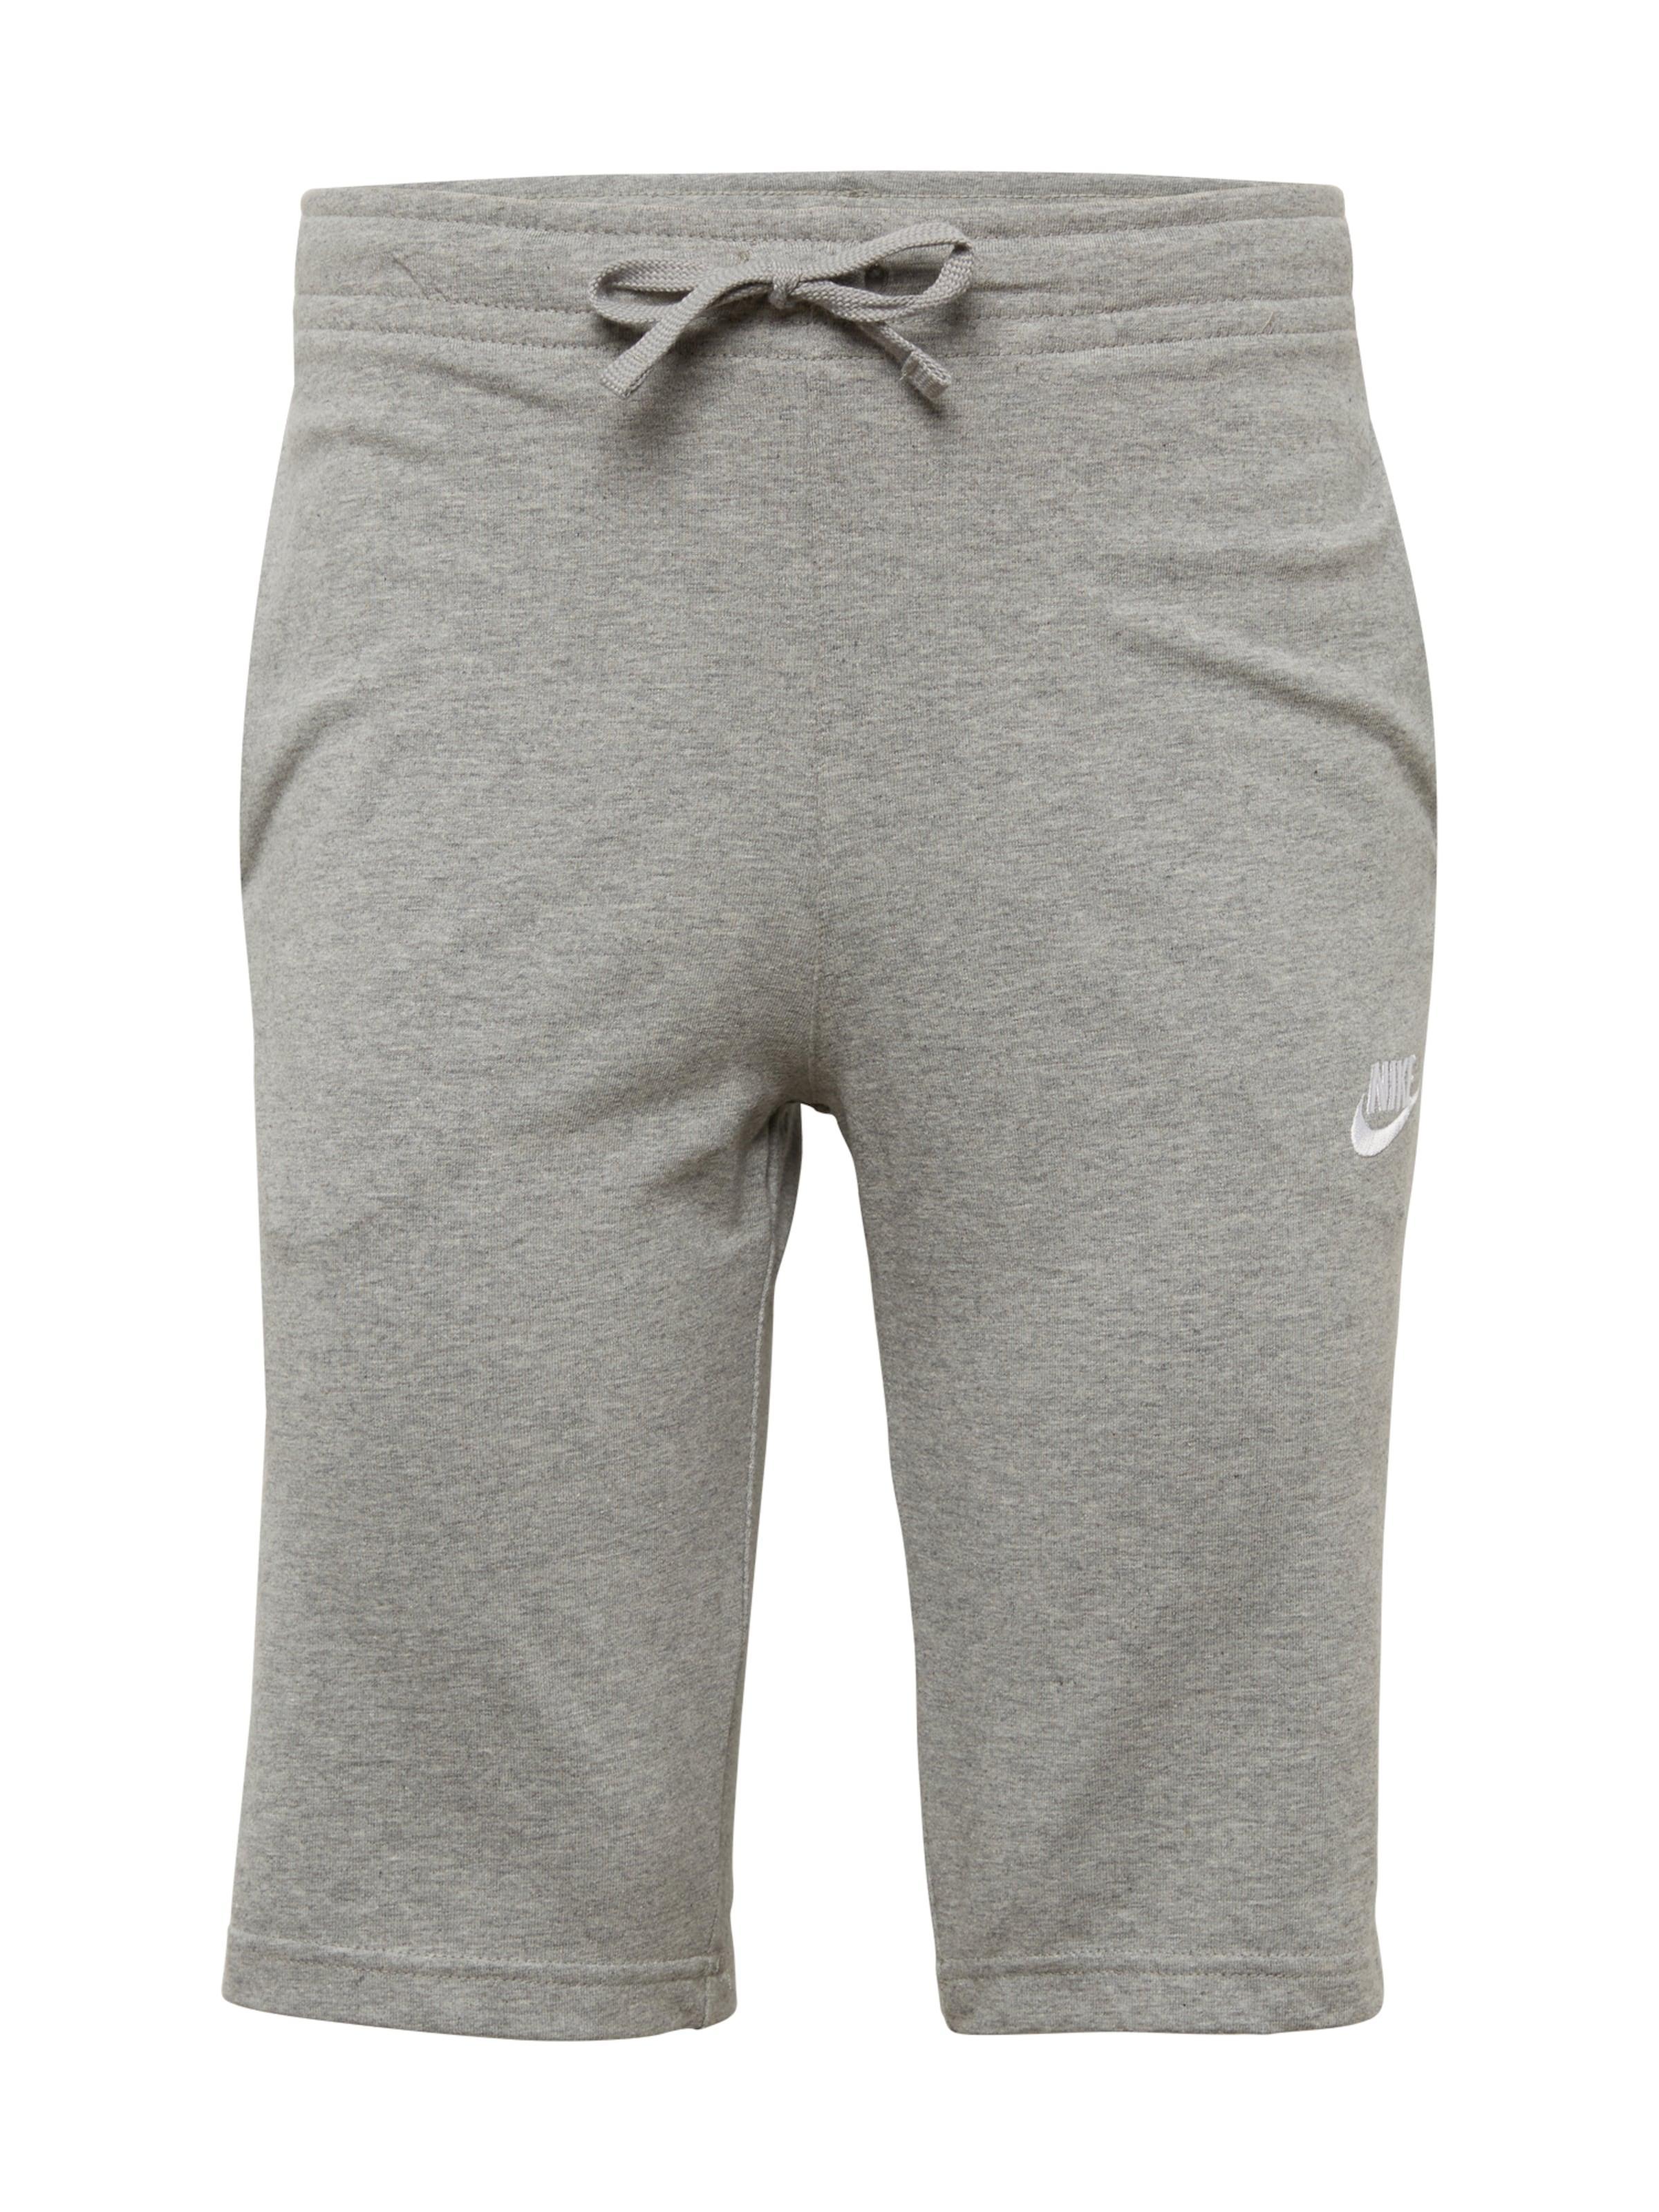 In Grijs Grijs Grijs Sportswear Broek Sportswear In Broek Nike Nike Broek In Nike Sportswear pFqcTcS4W